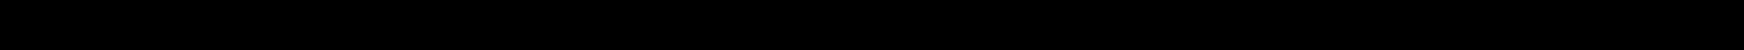 UnitSlabOffcPro-Bold.ttf